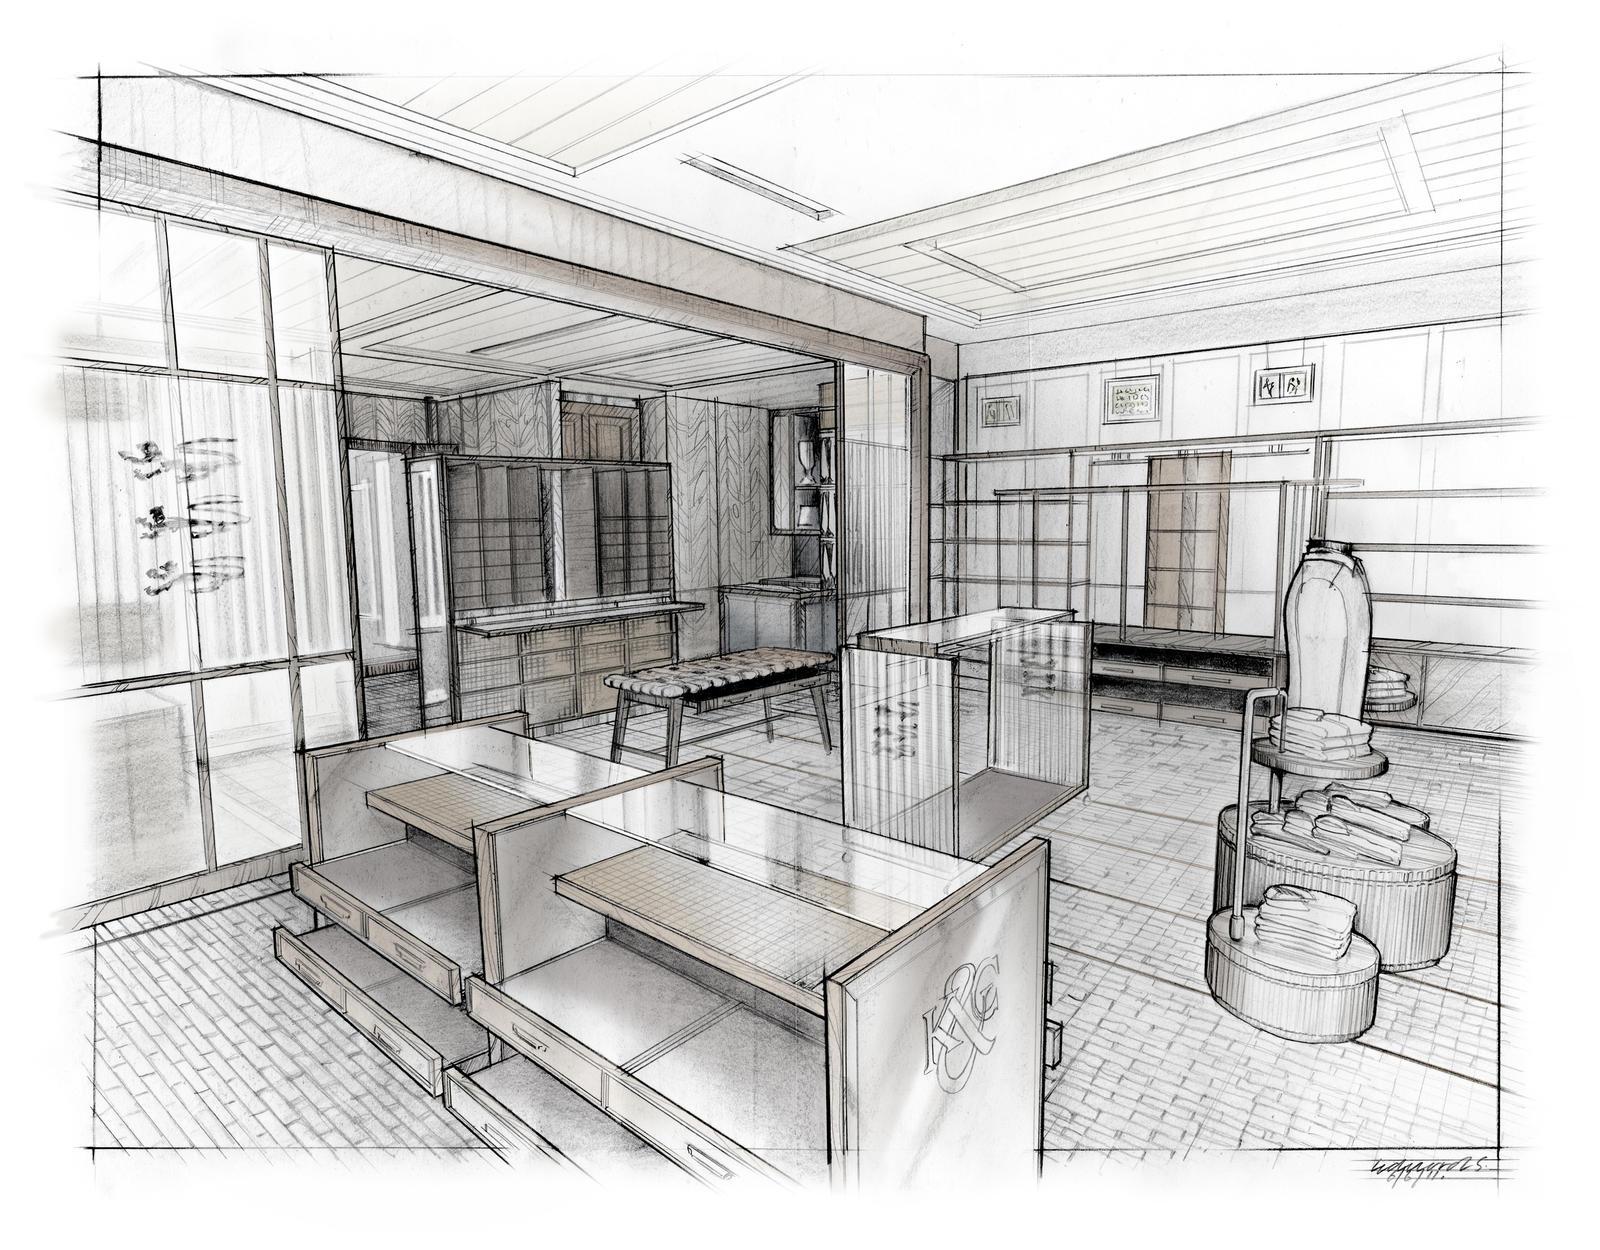 interior perspective render by dreadwardo